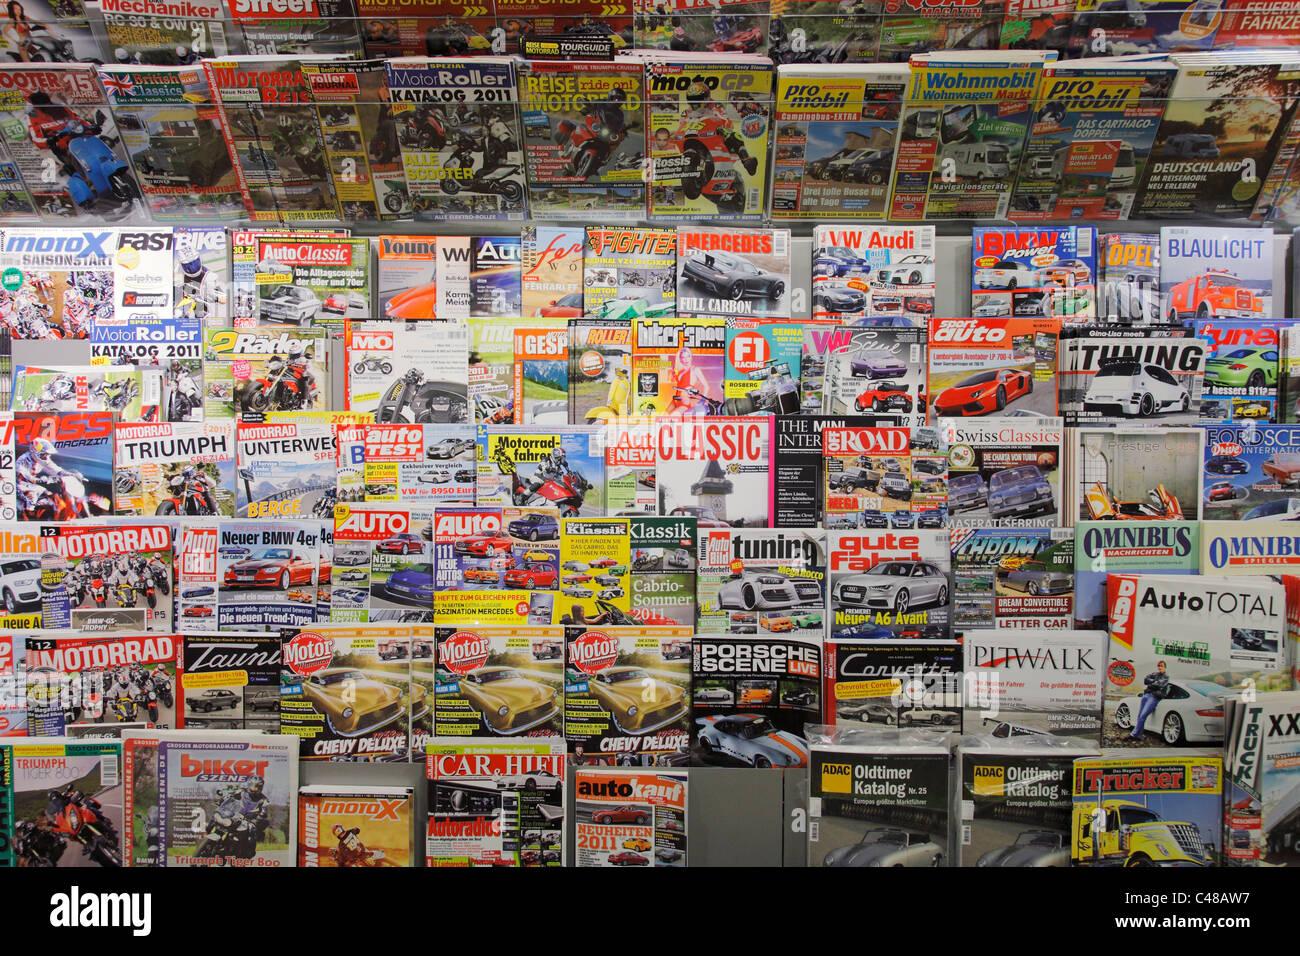 magazine shelf - Stock Image